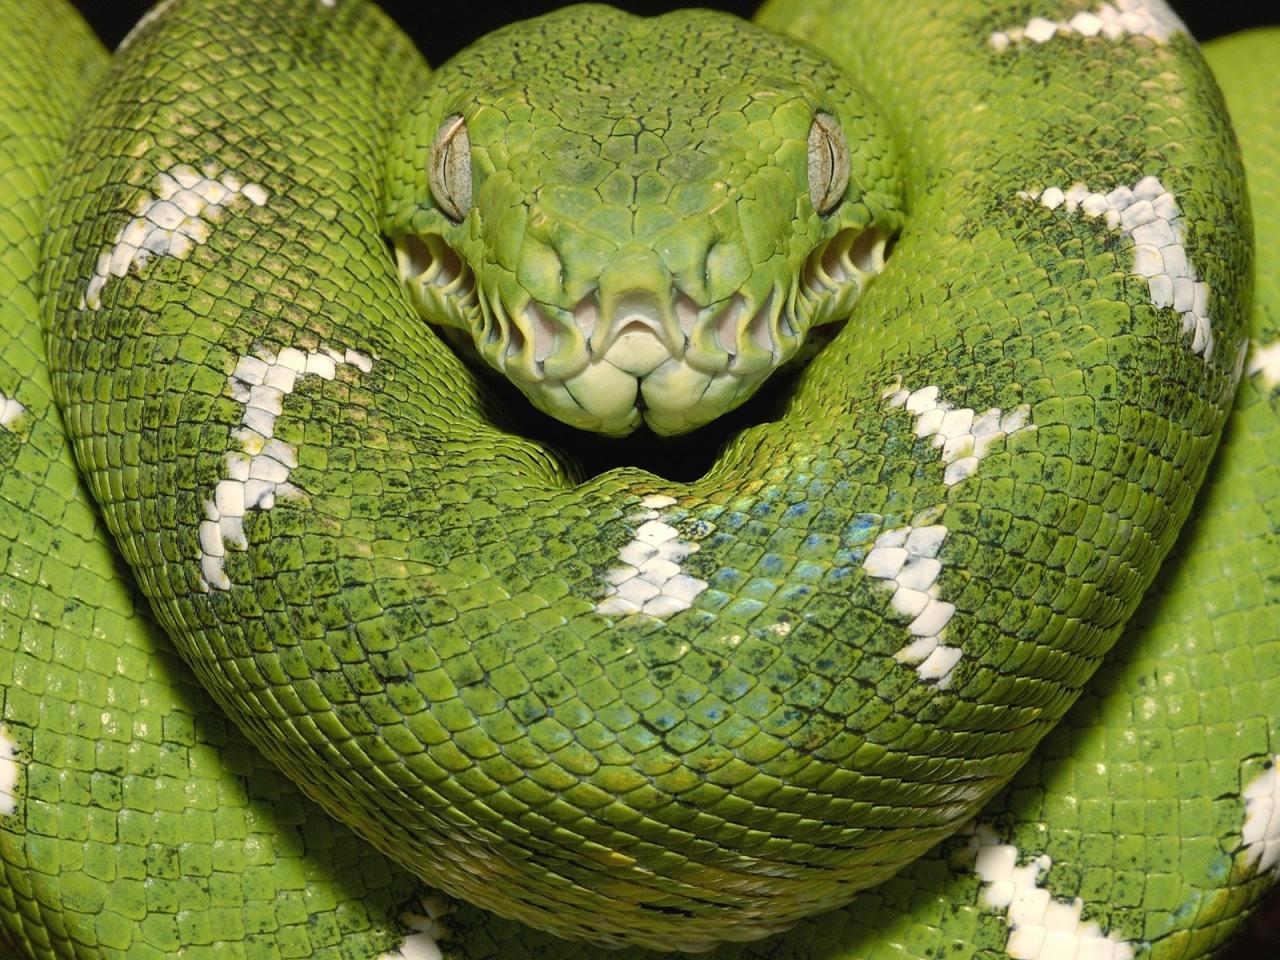 Зеленый удав, змея, полосатый змей, обои для рабочего стола